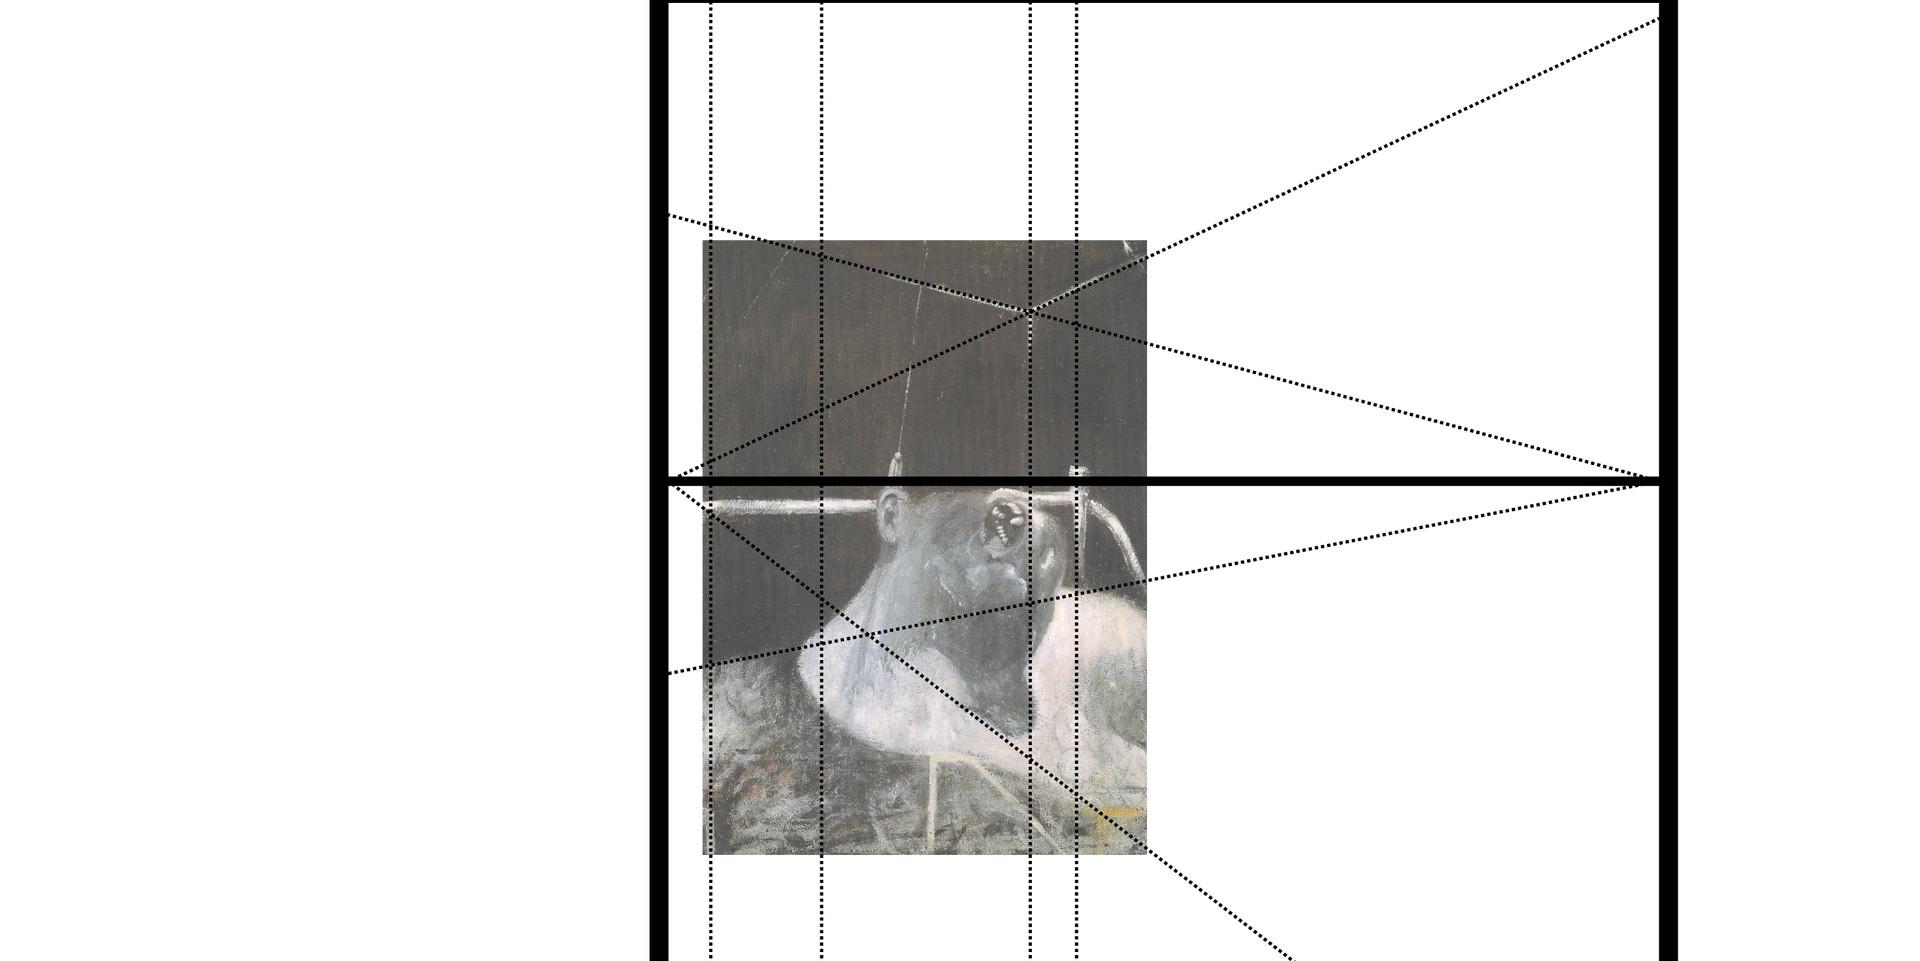 tracings-03-03.jpg